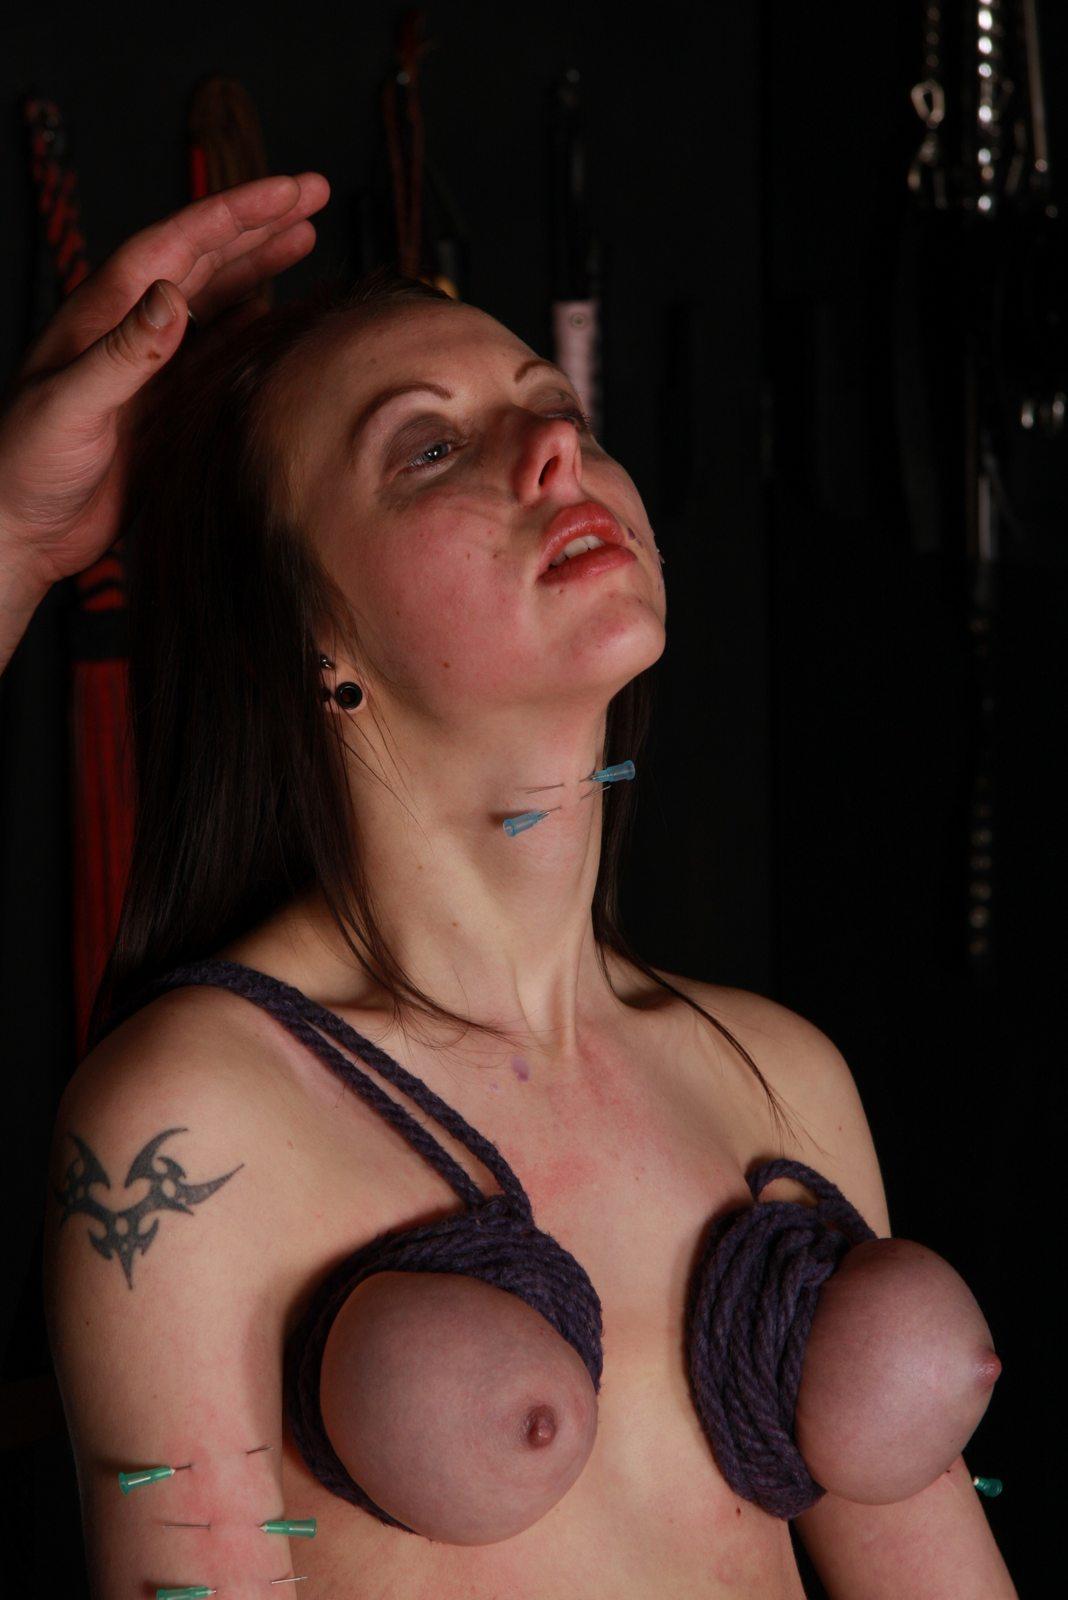 Пытки пизды иглами порно 9 фотография